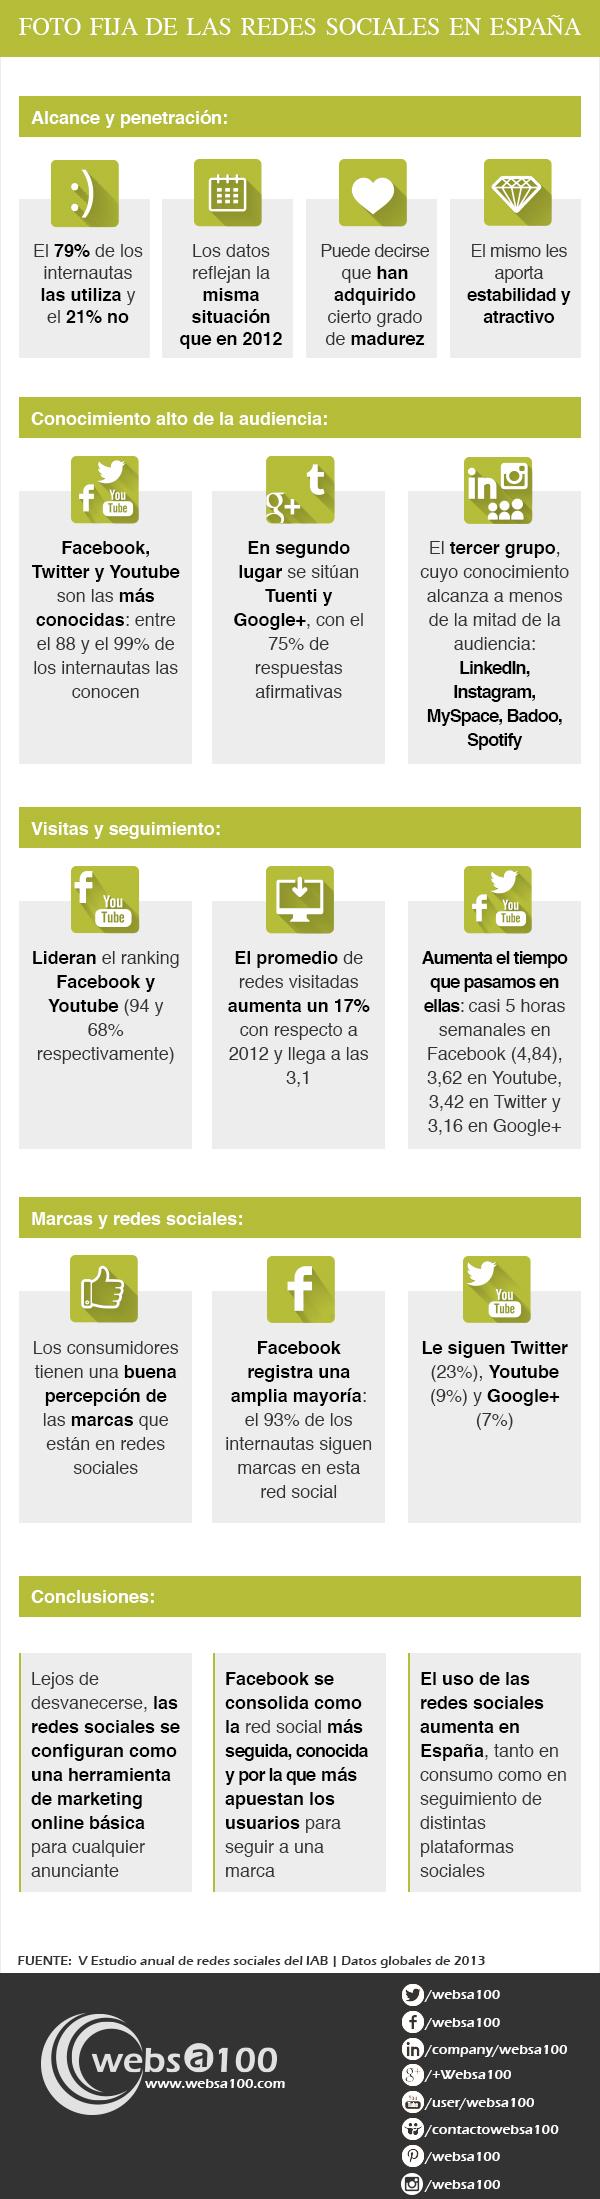 Cómo usamos las Redes Sociales en España